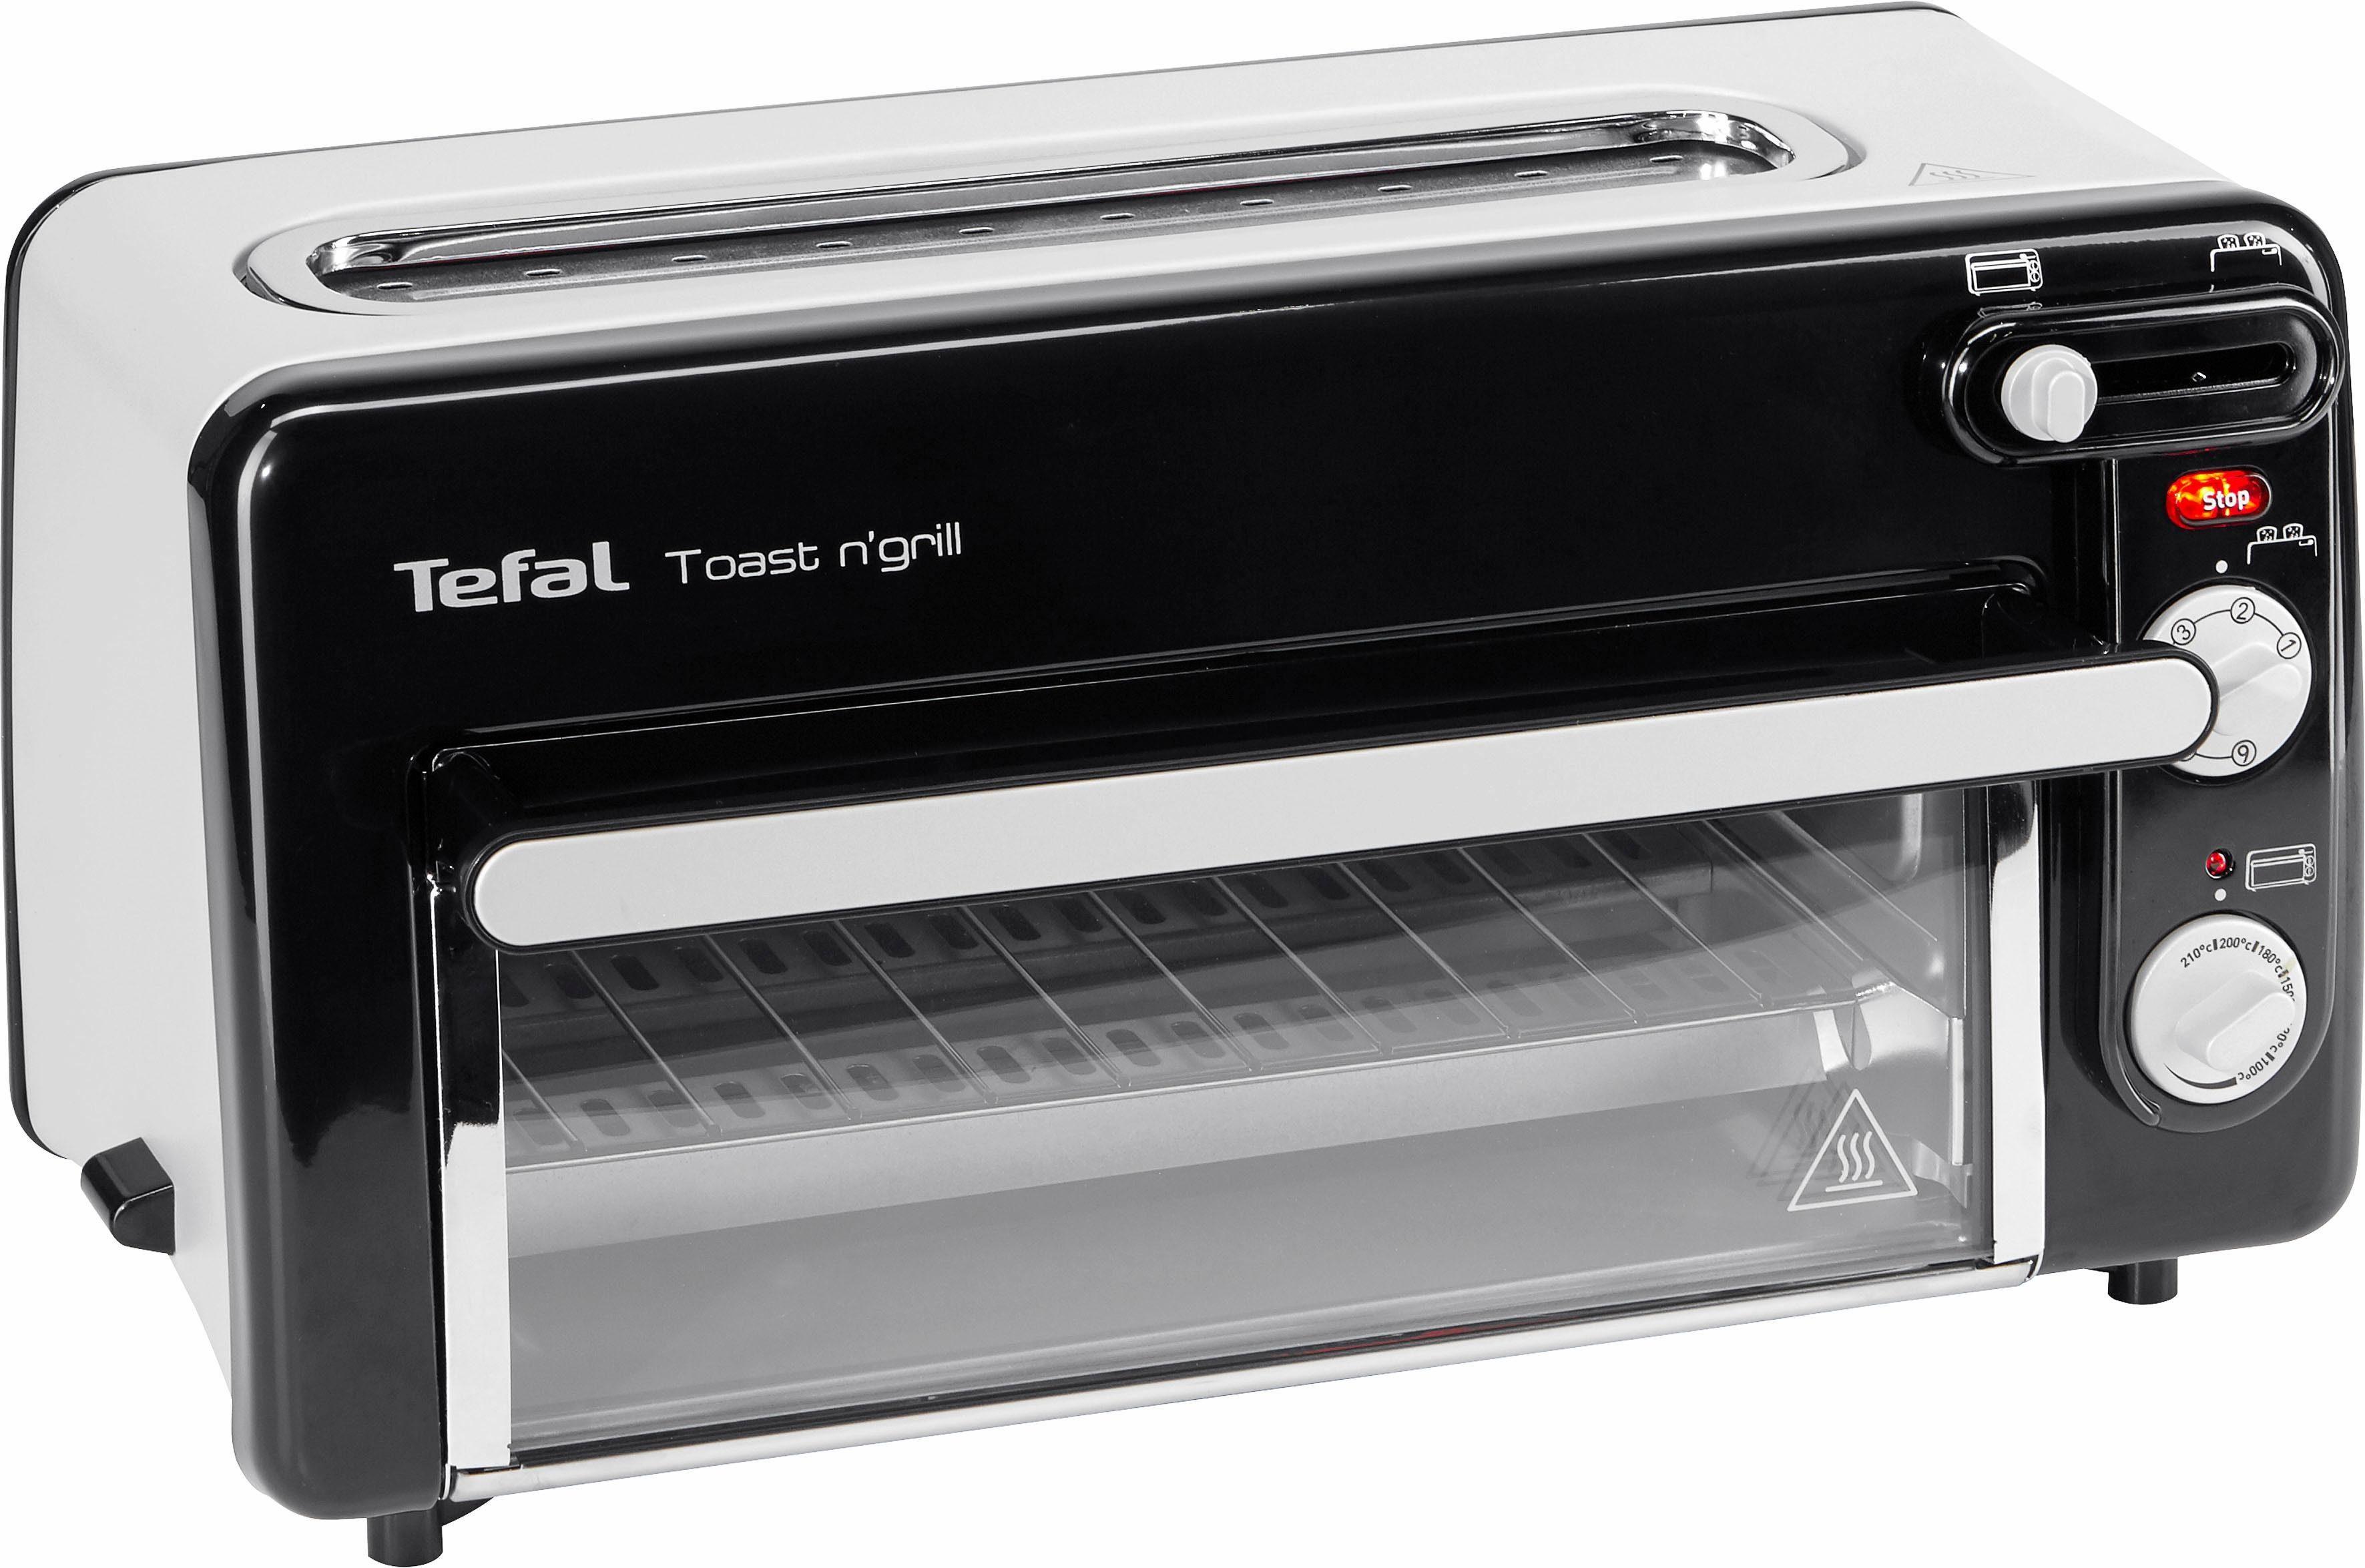 Tefal TL6008 Toaster Toast n' Grill und Mini-Ofen, 1300 Watt, kein Vorheizen notwendig